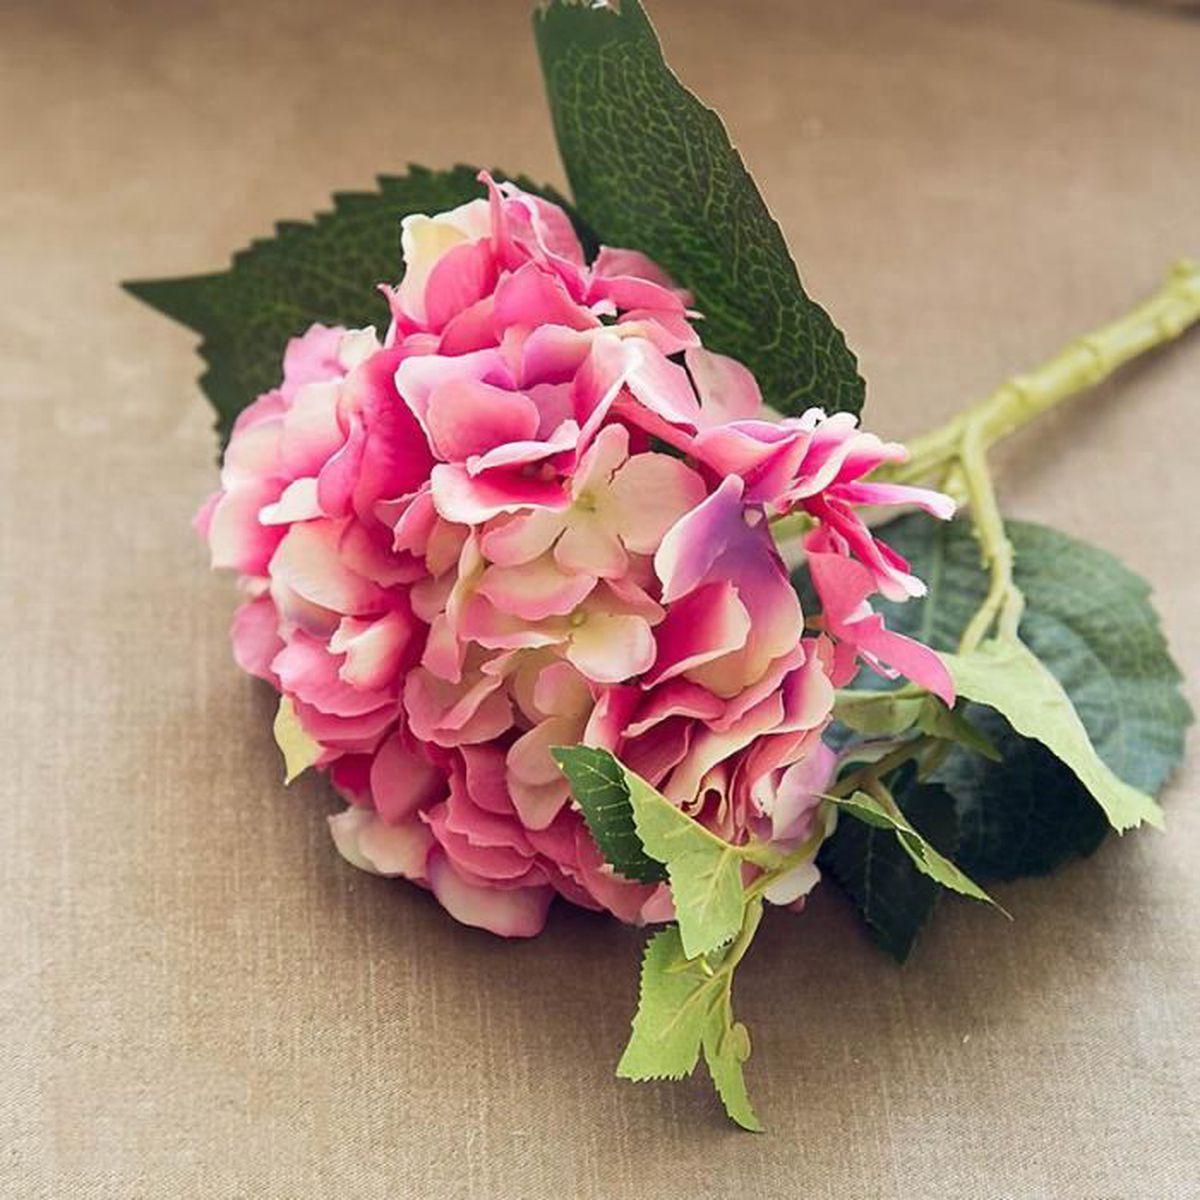 Fleurs hortensia artificielle achat vente fleurs for Vente fleurs artificielles